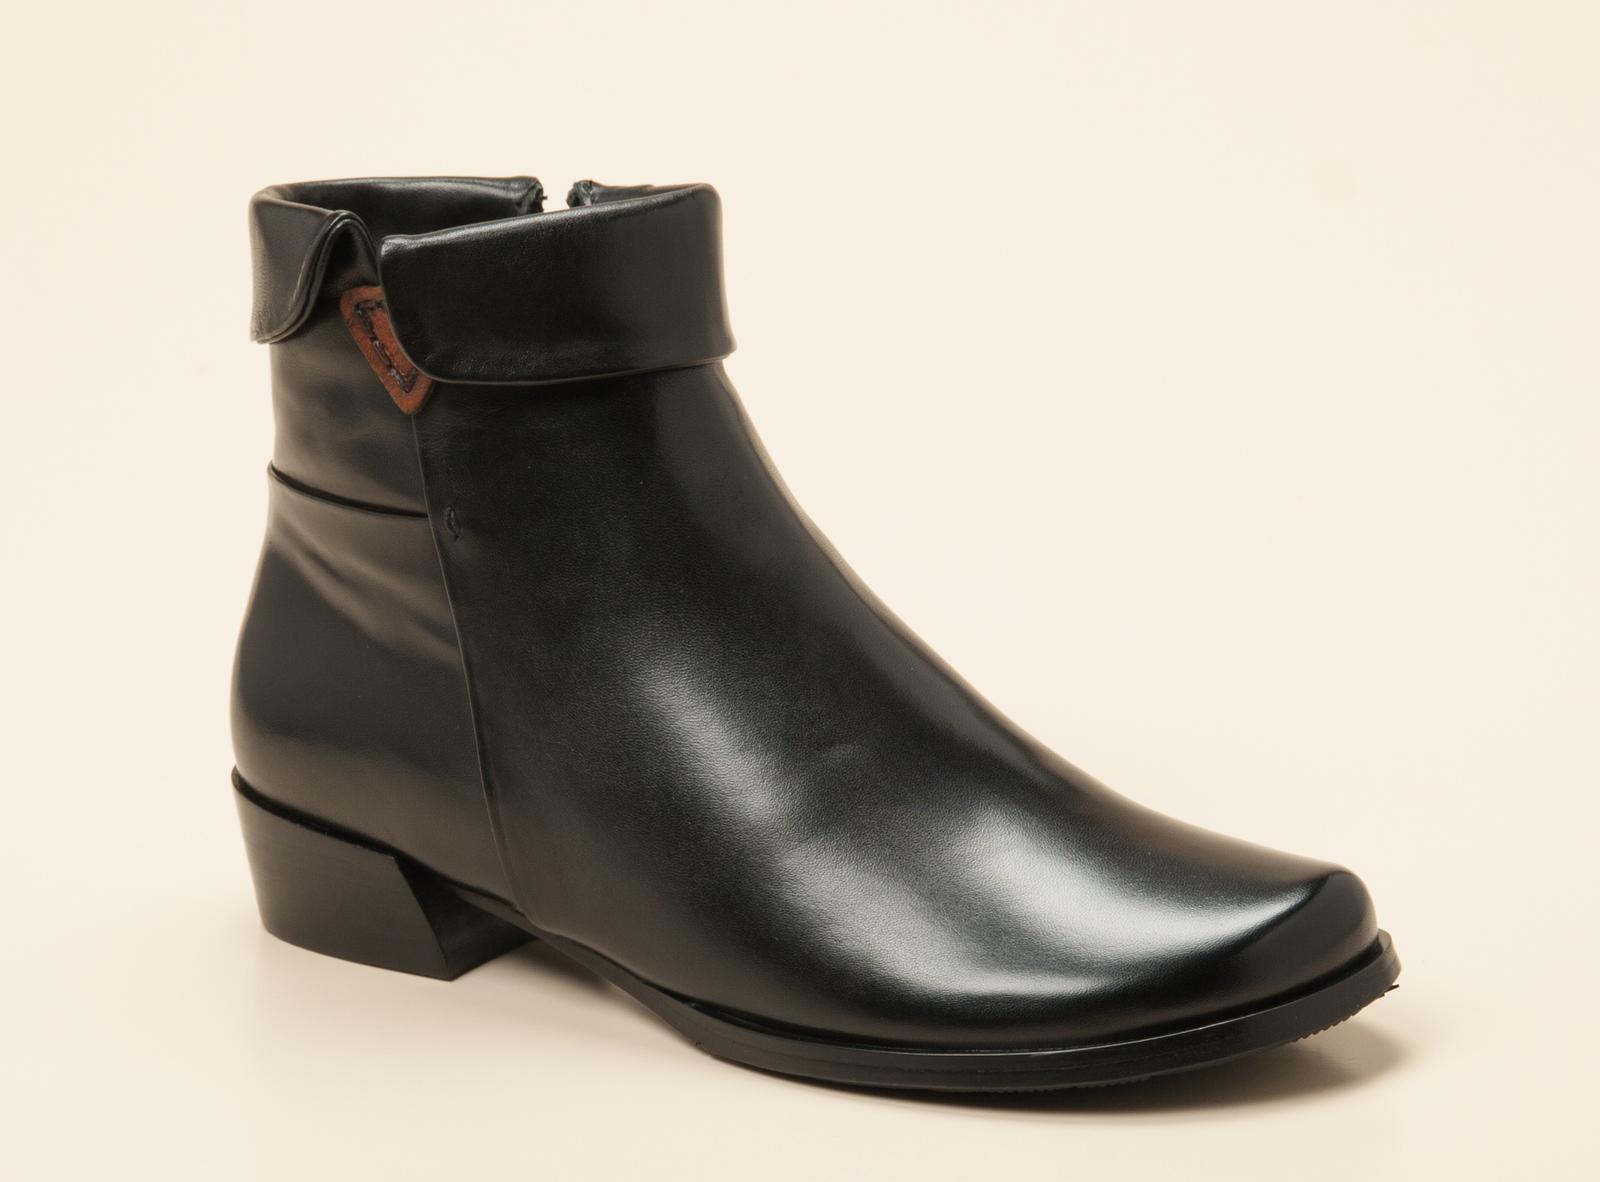 a8933eb97326 Everybody Damen Stiefelette in schwarz braun kaufen   Zumnorde ...